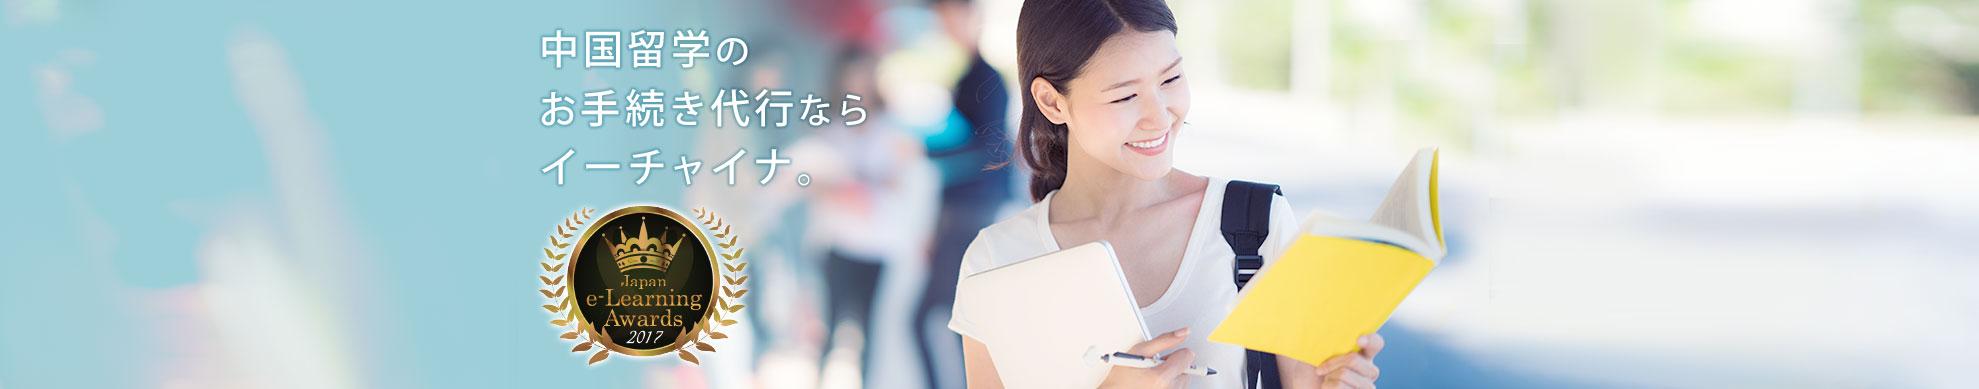 中国留学のお手続き代行ならイーチャイナ。